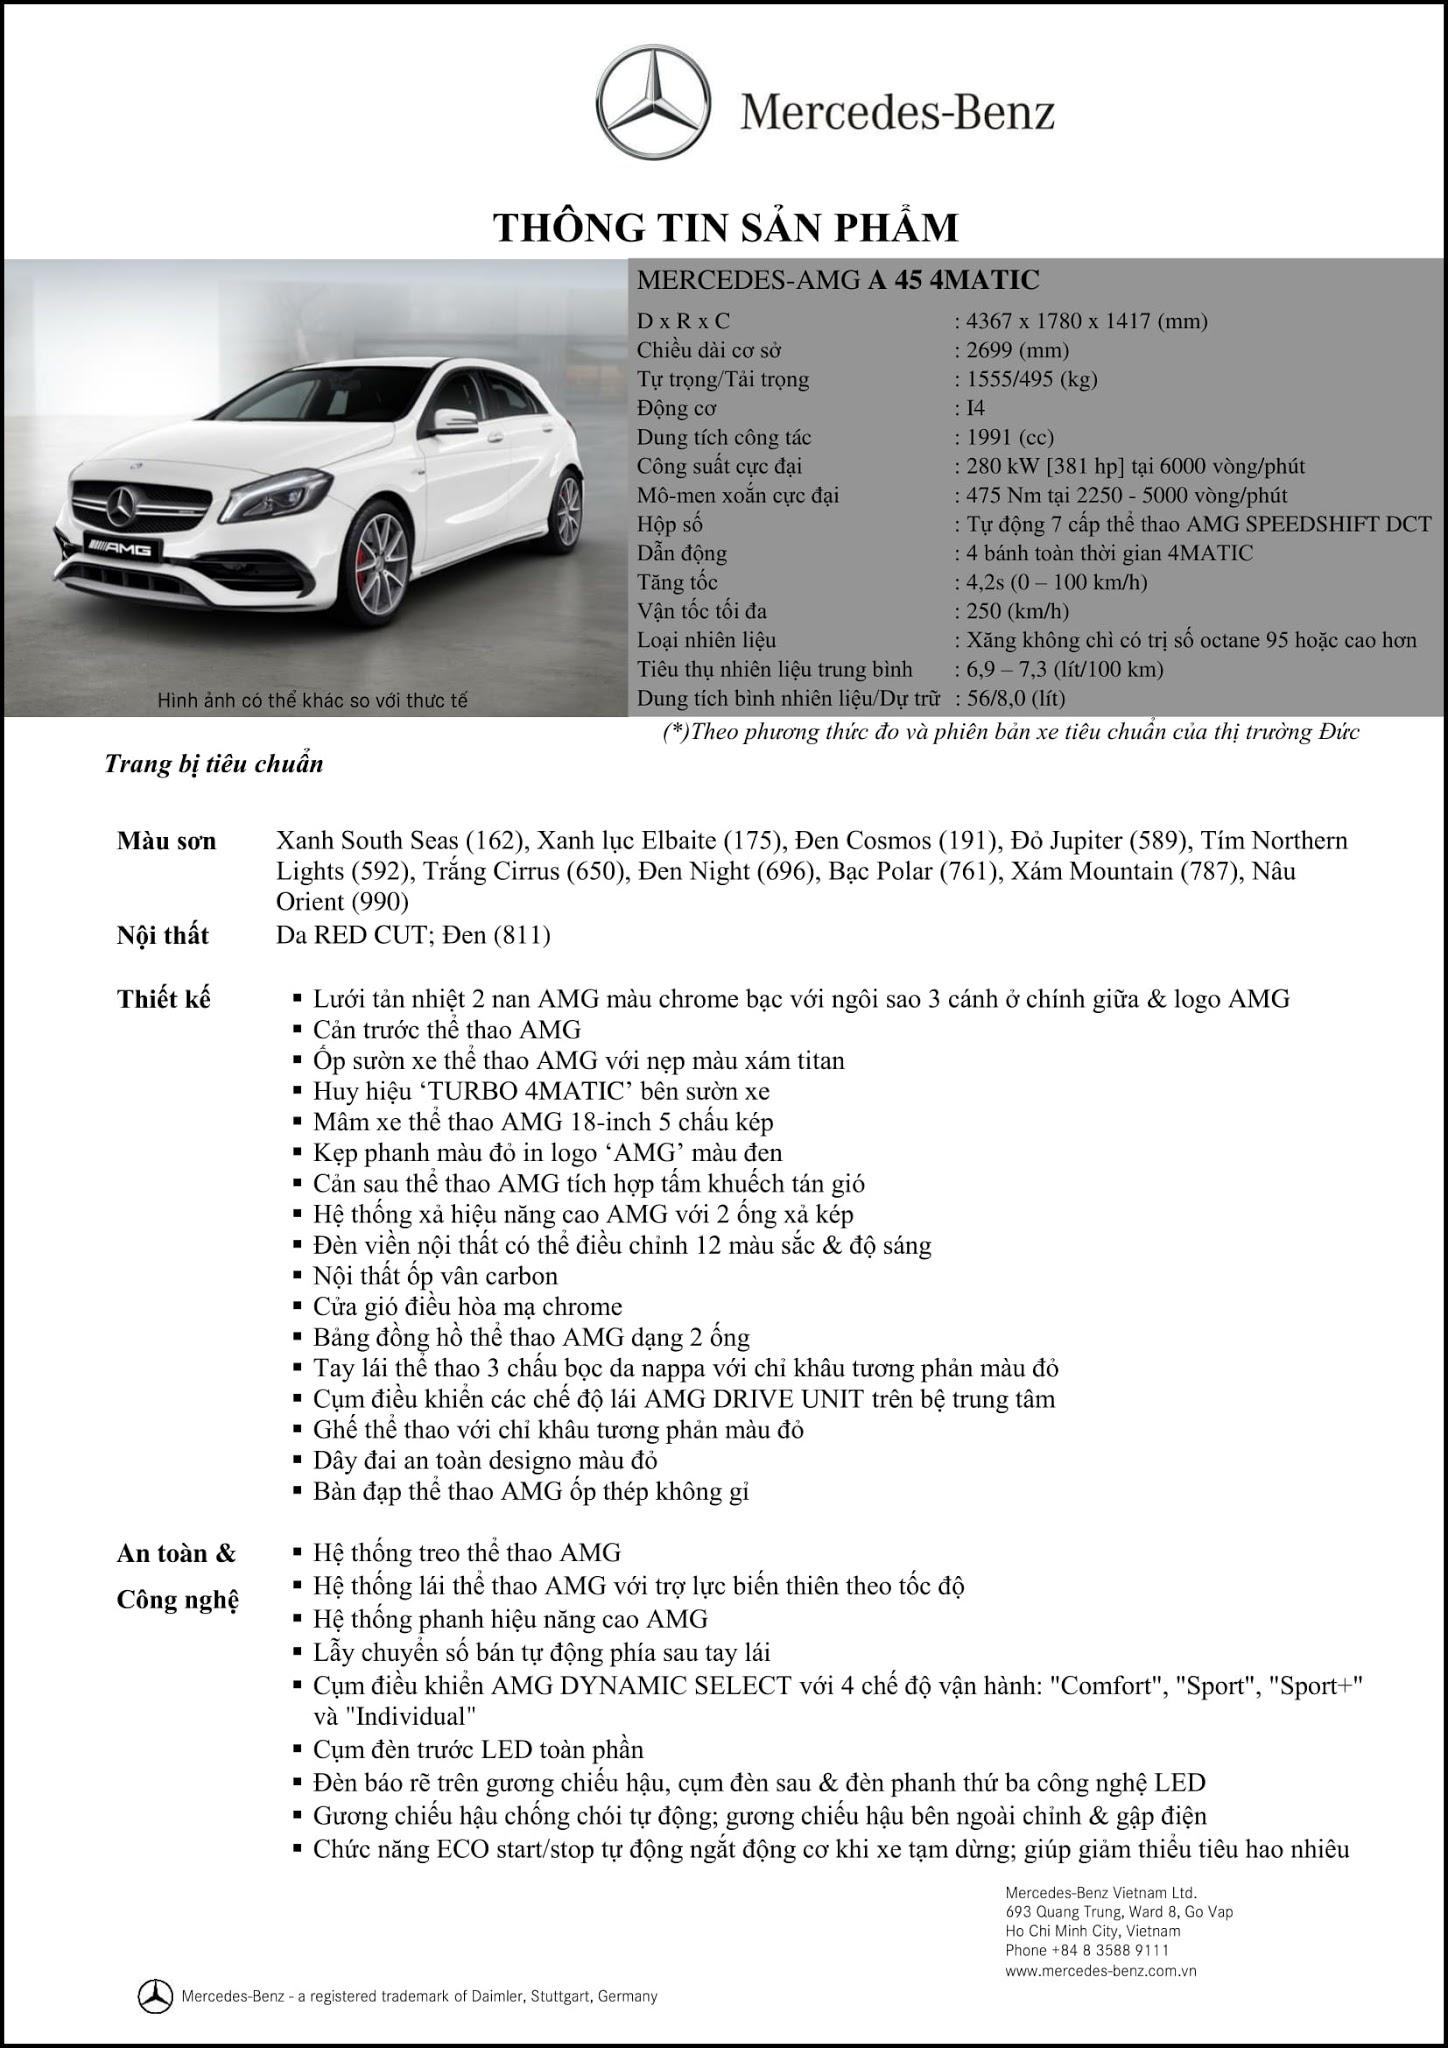 Bảng thông số kỹ thuật Mercedes AMG A45 4MATIC 2018 tại Mercedes Trường Chinh